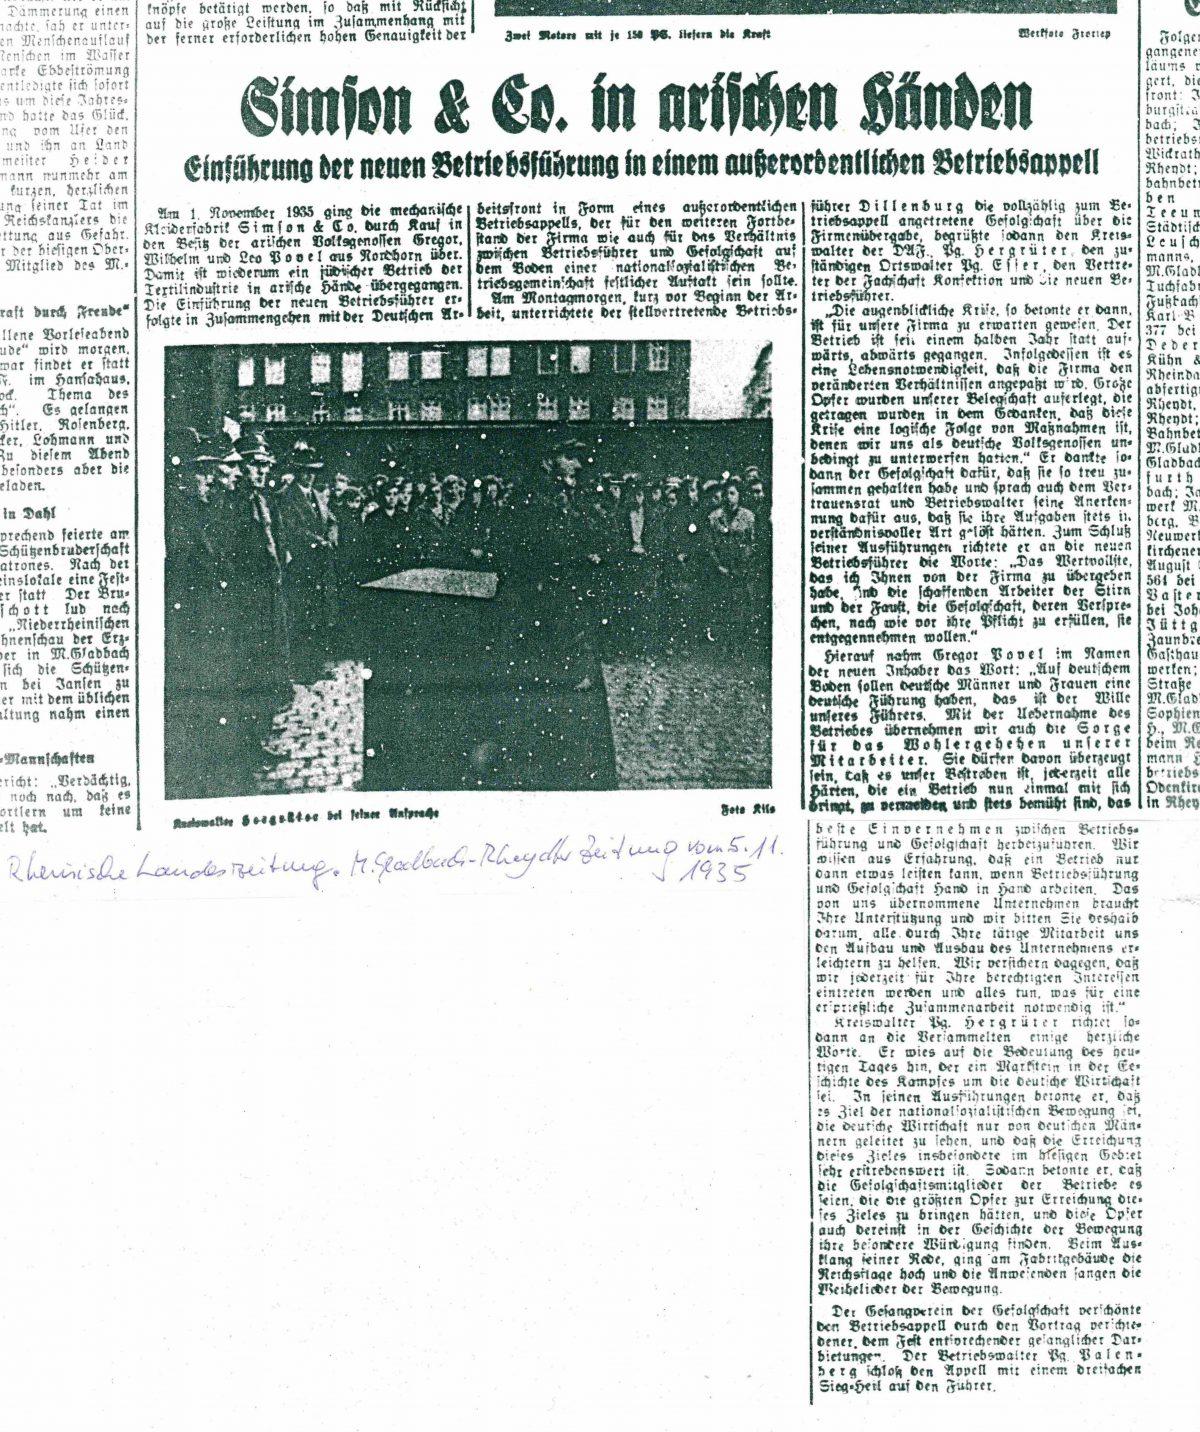 Bericht über Arisierung in einer Zeitung vom 05.11.1935